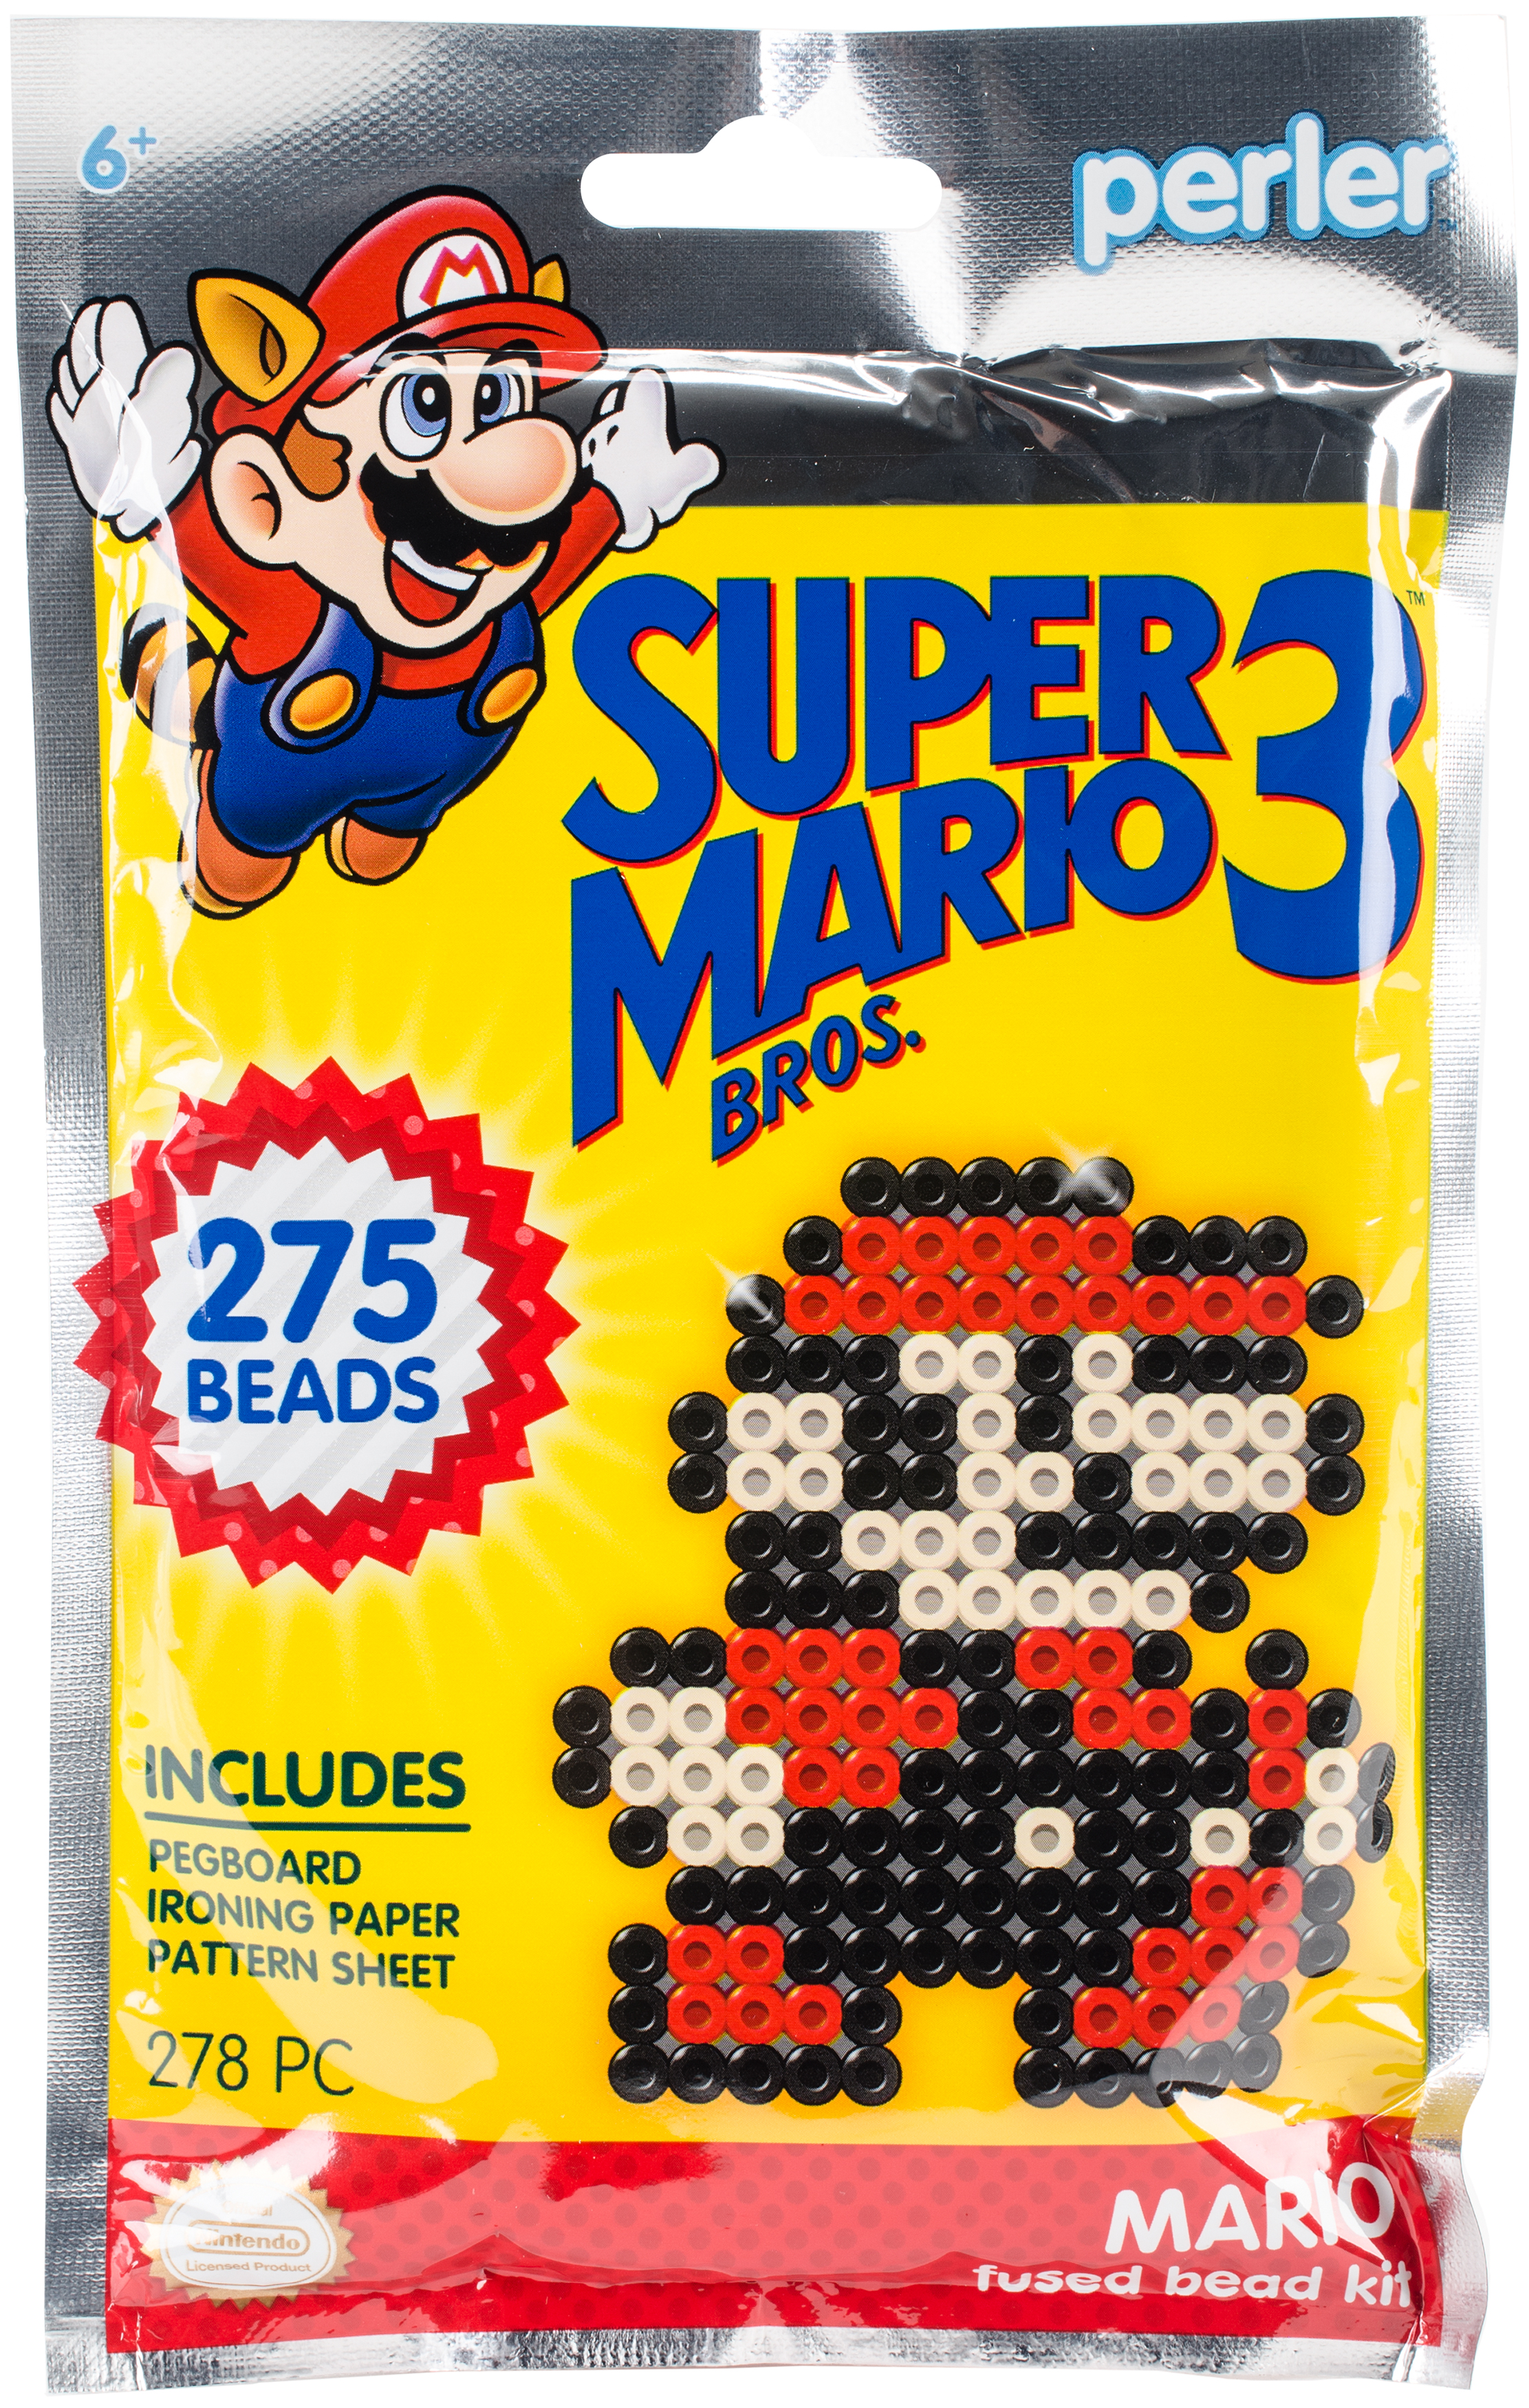 Perler Fused Bead Trial Kit-Super Mario Bros. 3